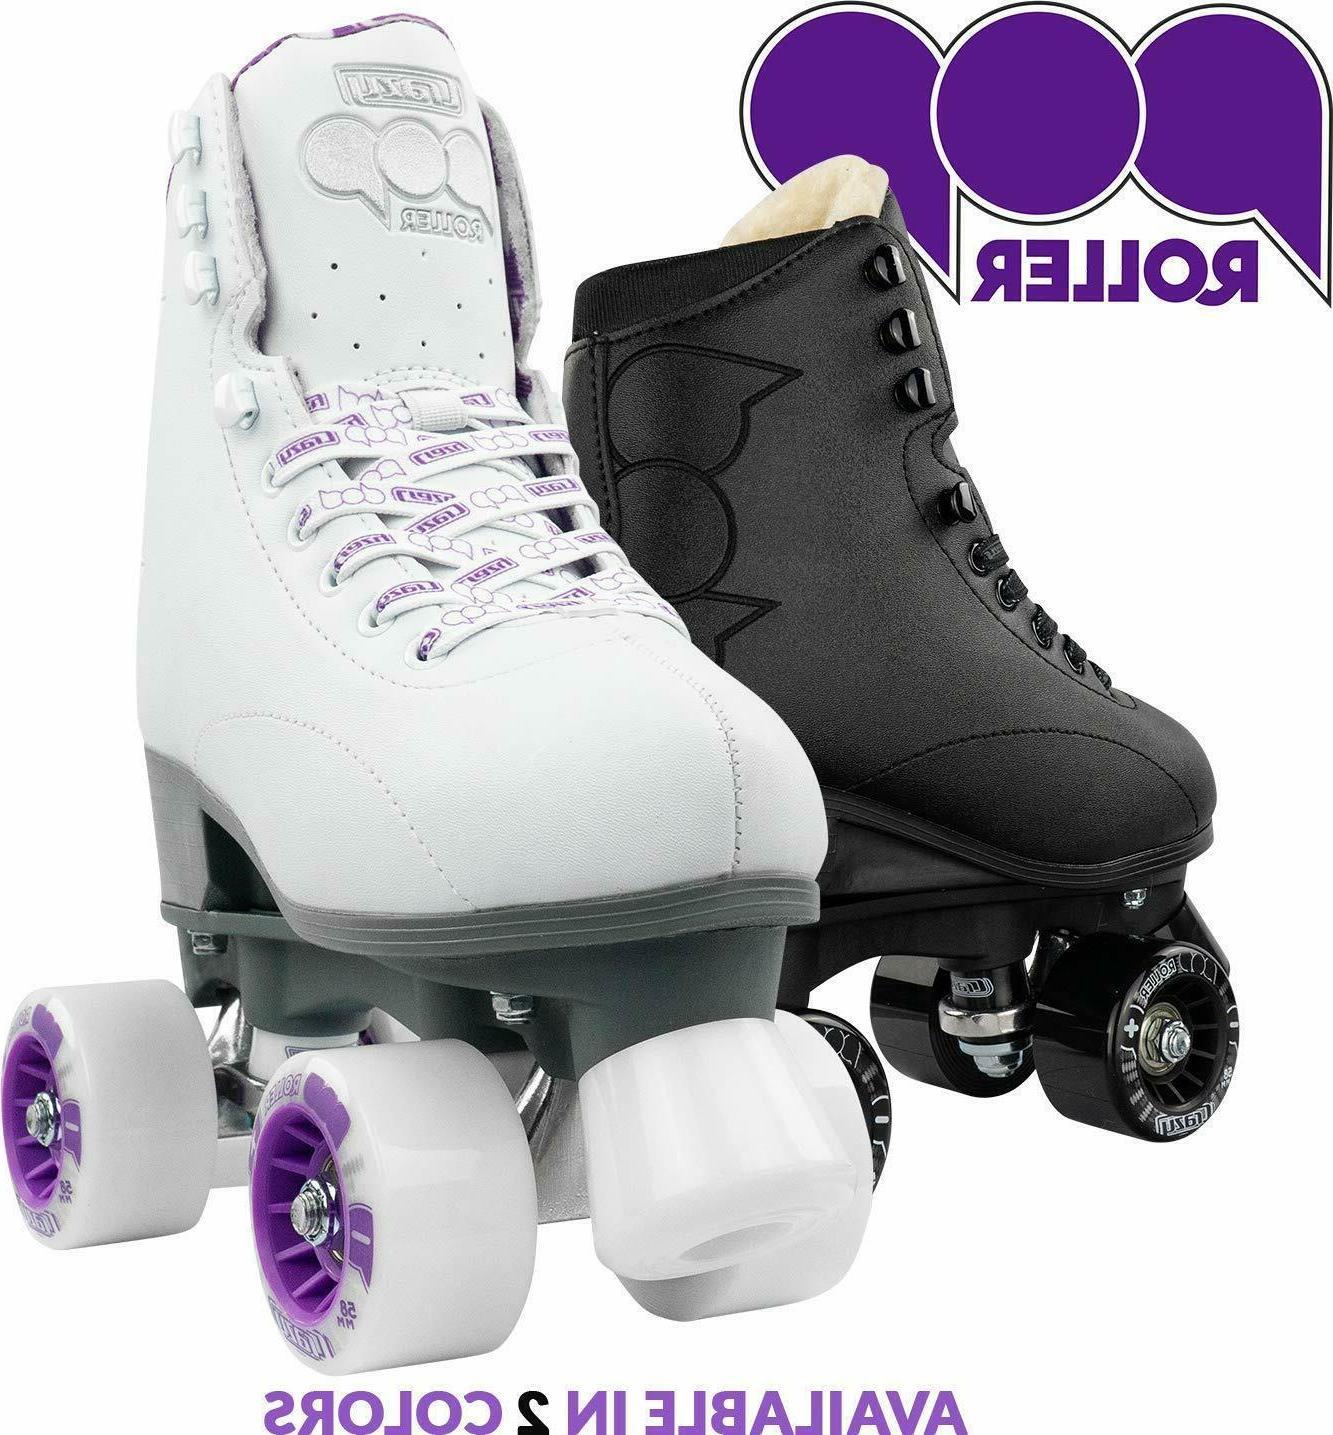 pop roller adjustable roller skates by adjusts